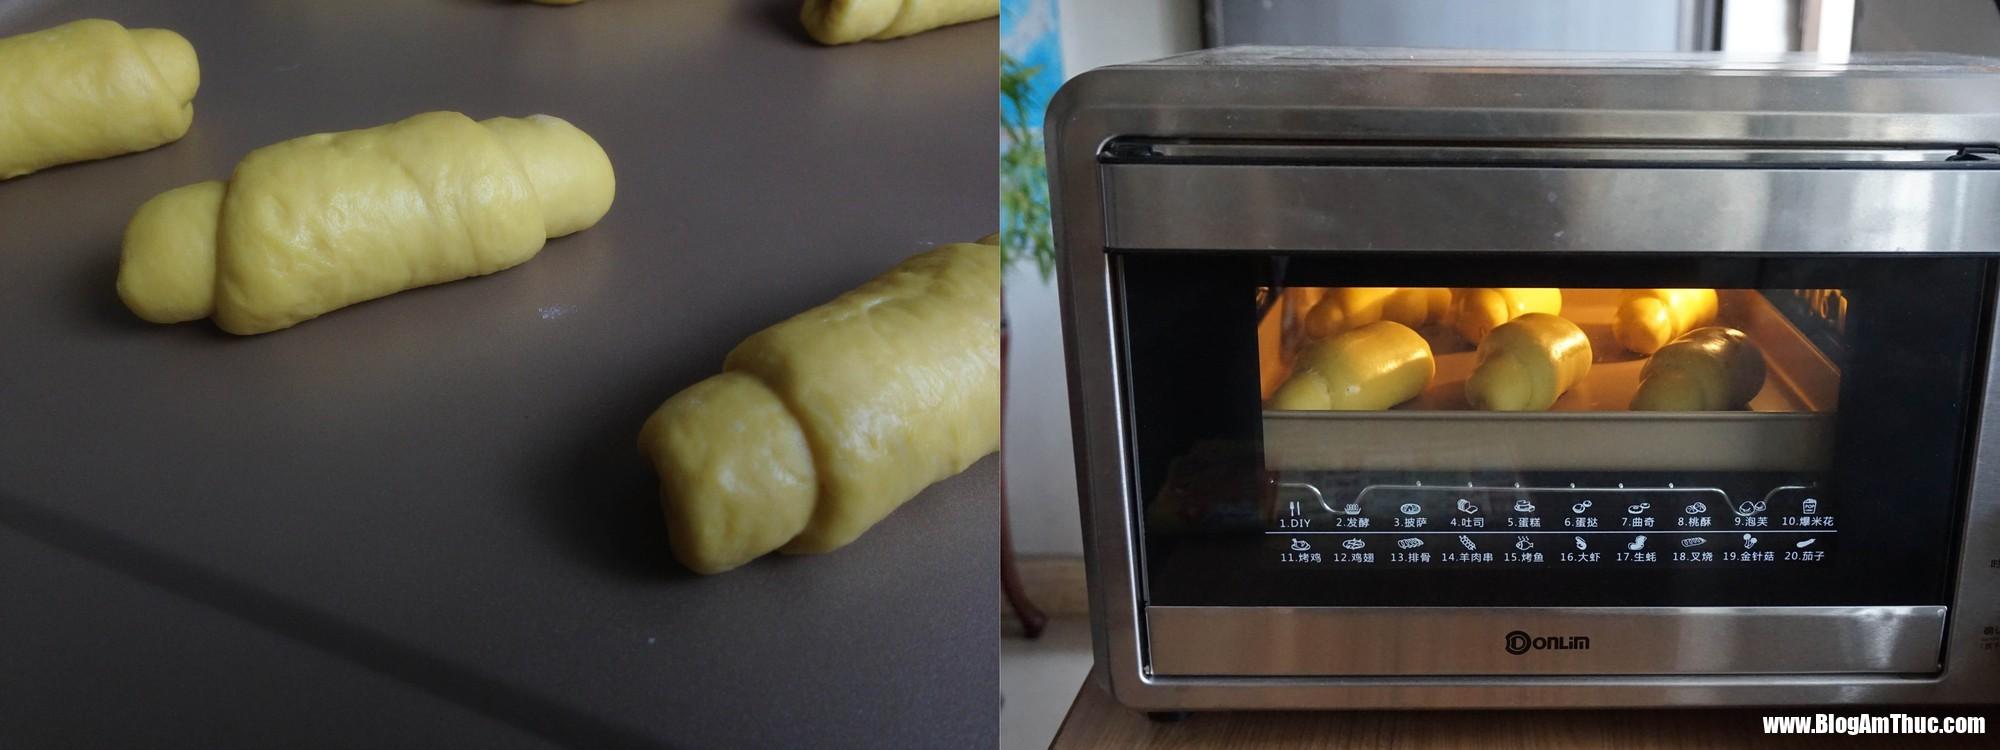 banh mi xoai 5 15338772535221610929947 Công thức làm bánh mì xoài mềm ngọt, thơm lừng, cả nhà thích mê